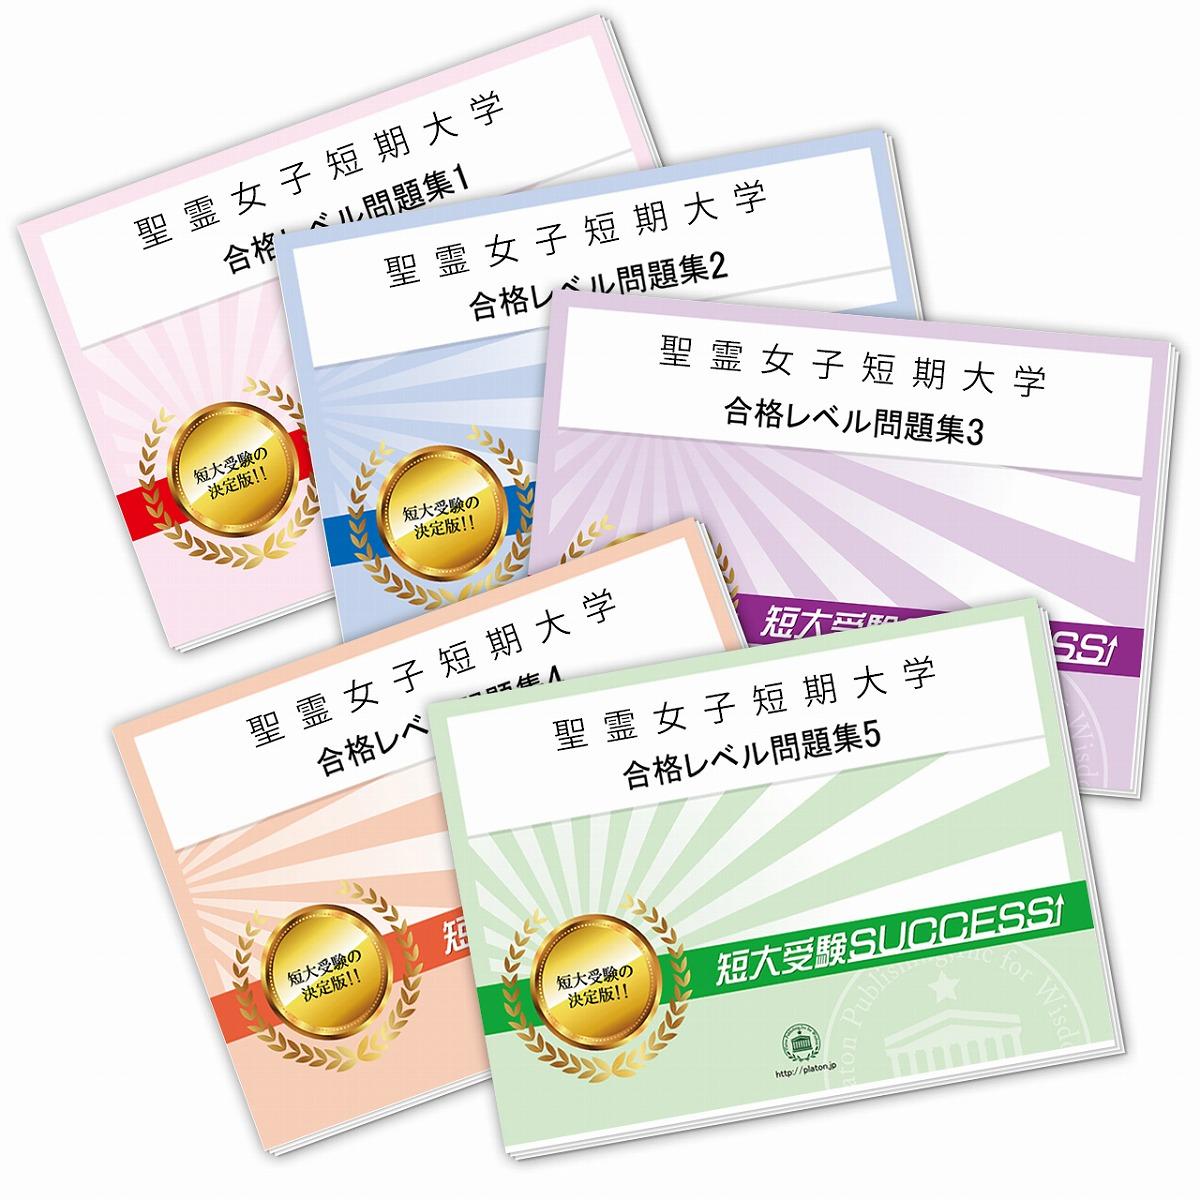 【送料・代引手数料無料】聖霊女子短期大学受験合格セット(5冊)